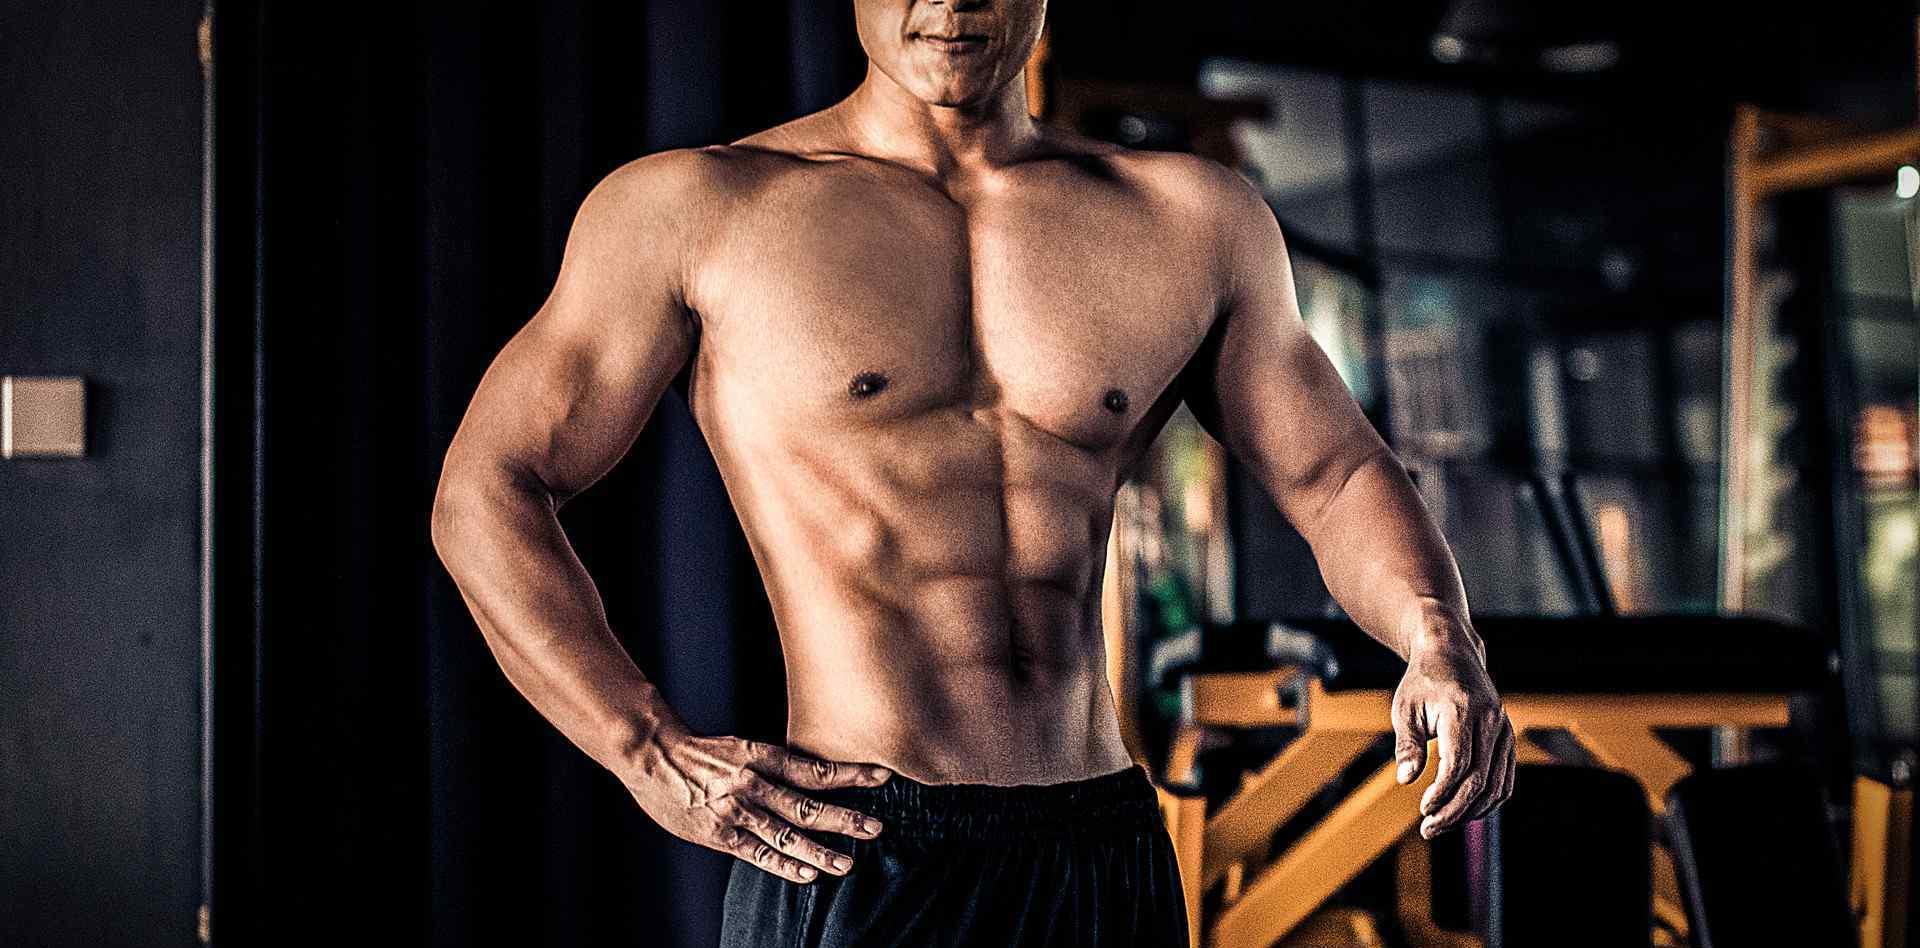 产后腹直肌分离自测 腹直肌分离自测 来看看你的腹直肌有没有分离吧